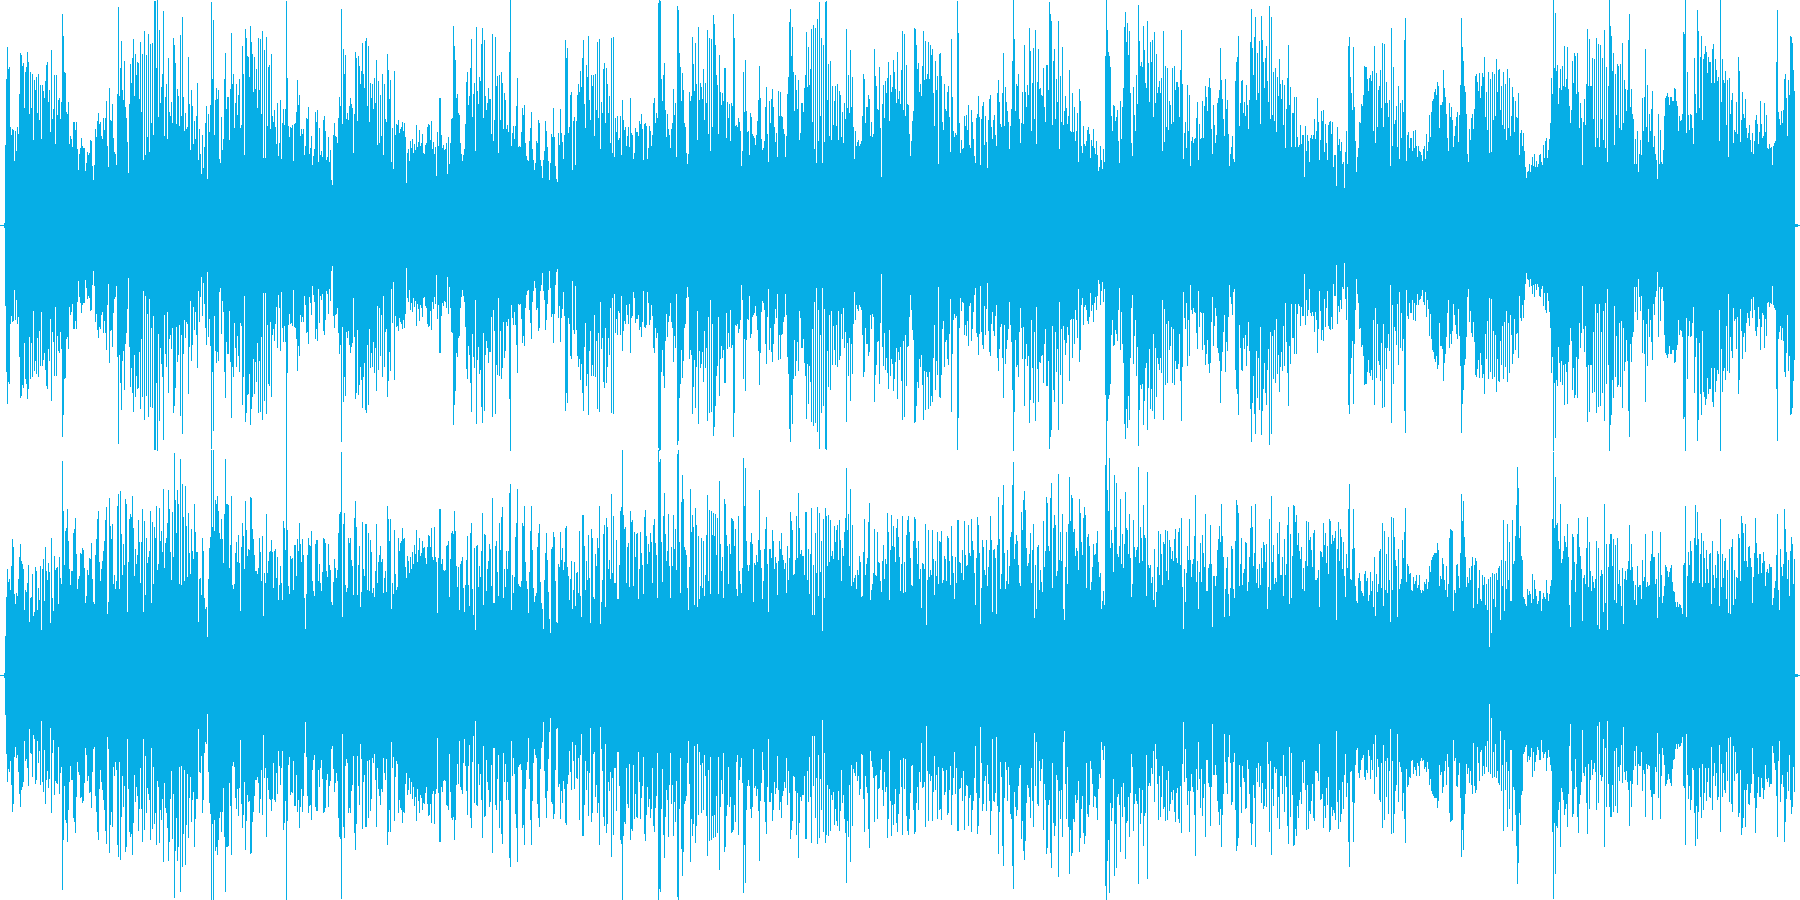 ローパスをかけた軽快浮遊エレクトロニカの再生済みの波形